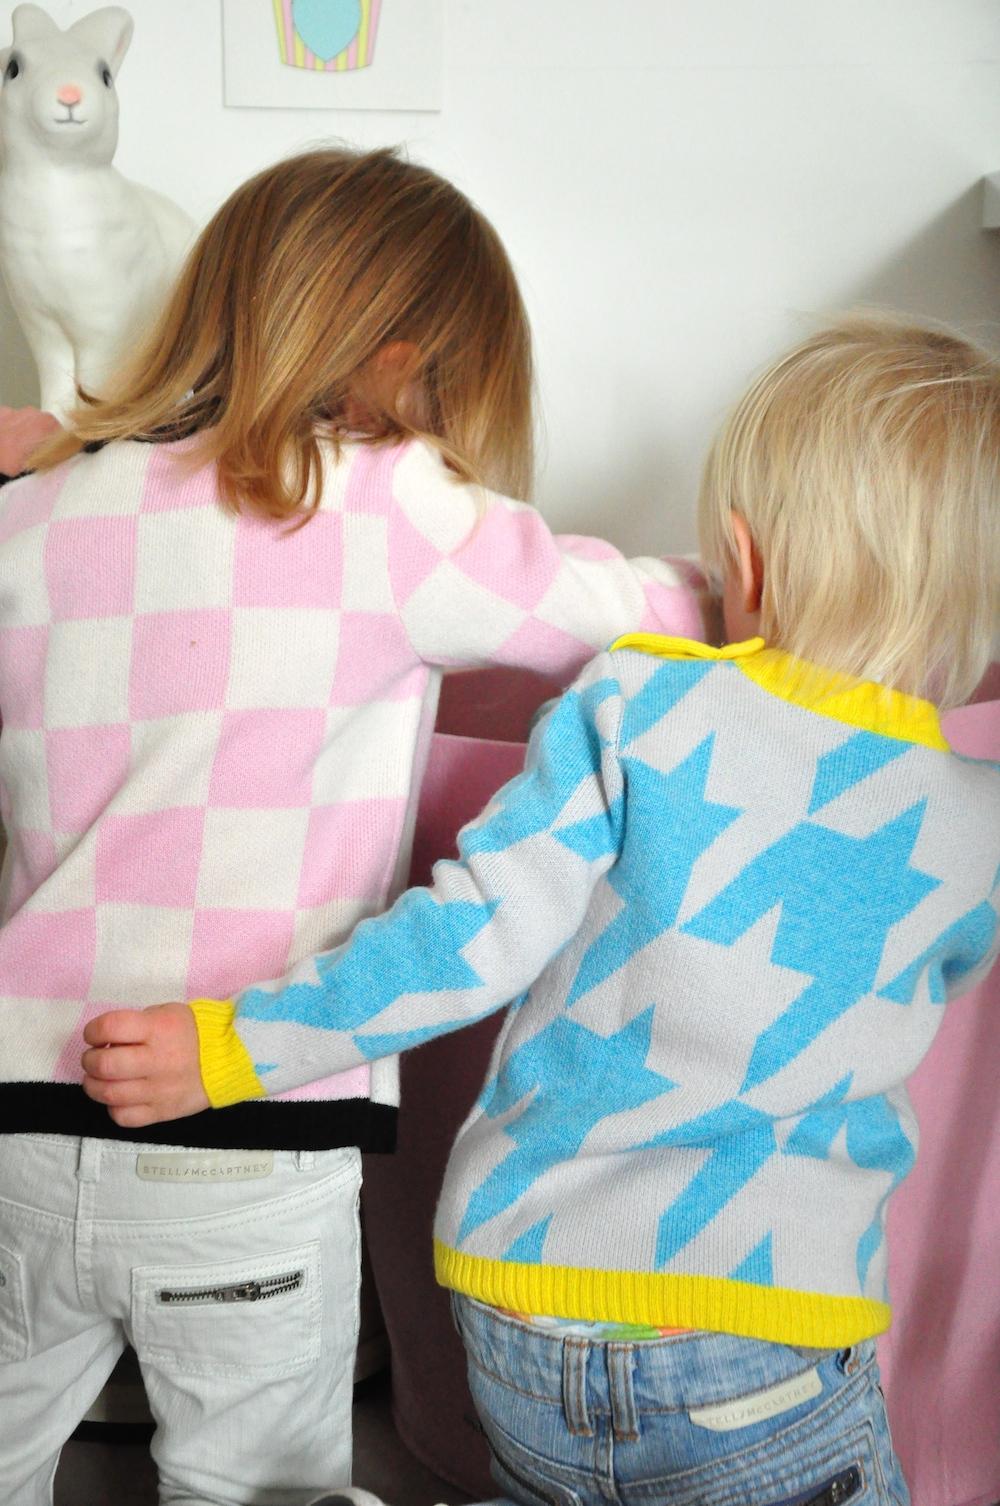 Atelier_child_pink_blue_wool_hound